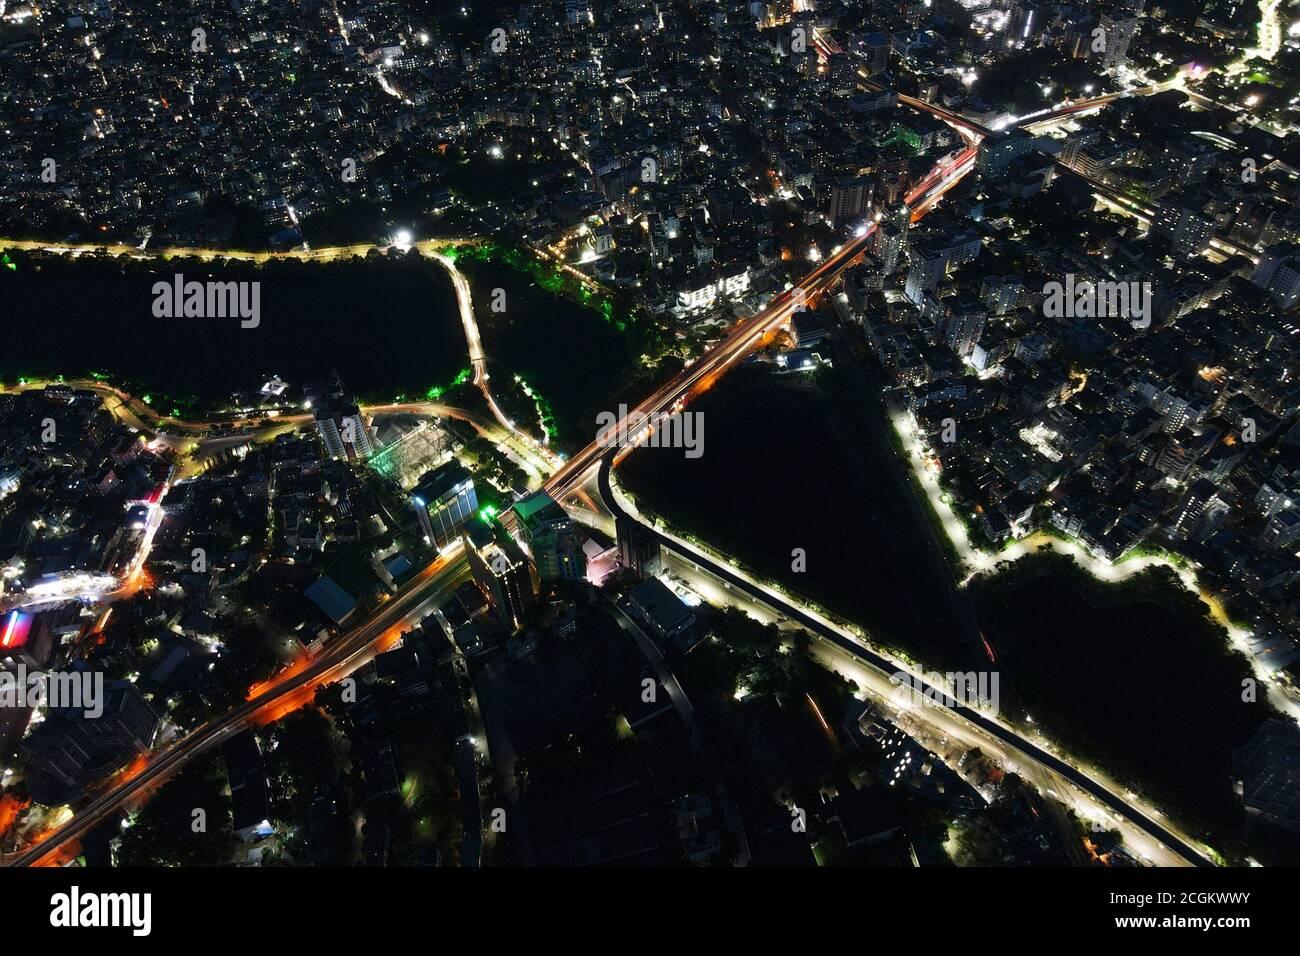 Dhaka, Bangladesh. 11 de septiembre de 2020. Vista aérea desde Drone: Ciudad nocturna volando sobre la carretera y luces nocturnas, en Dhaka, Bangladesh, 11 de septiembre de 2020. Con una densidad de 47,400 personas por kilómetro cuadrado, Dhaka siguió siendo la ciudad más densamente poblada del planeta. La población de Dhaka está aumentando cada día a medida que la gente se mueve hacia ella desde diferentes zonas del país para hacer uso de las instalaciones. La población de Dhaka en 2020 se estima ahora en 21,005,860 habitantes. En 1950, la población de Dhaka era de 335,760 habitantes. Dhaka ha crecido en 3,408,684 desde 2015, lo que representa un cambio anual del 3.60%. Estos populatio Foto de stock